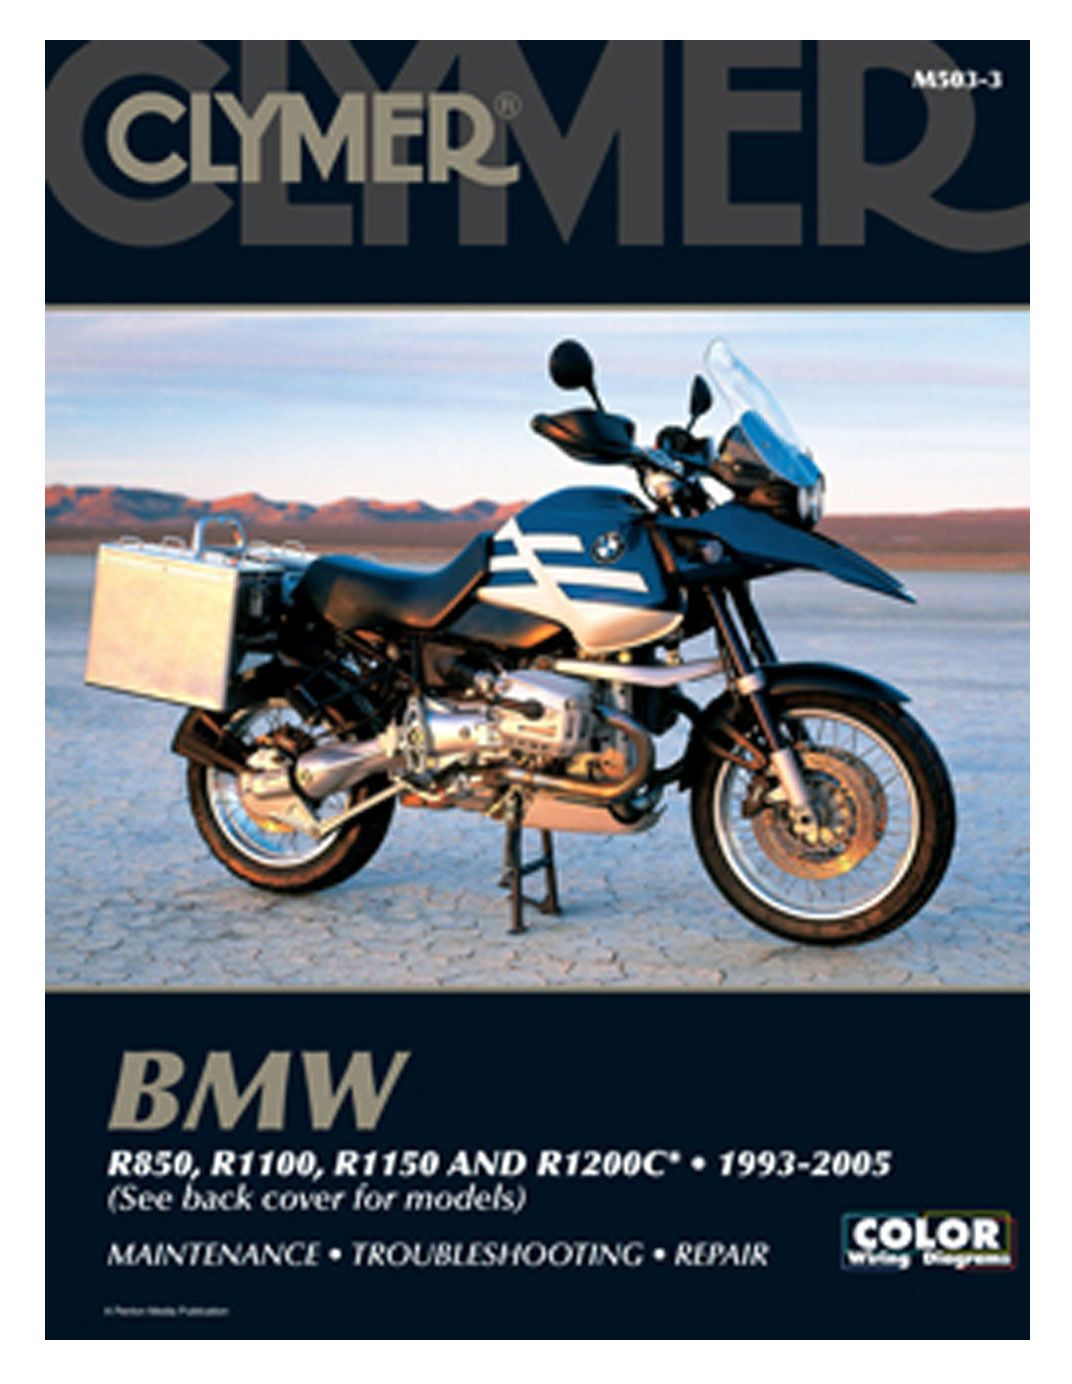 Clymer Manual BMW R850 / R1100 / R1150 / R1200C 1993-2005 | 10% ($5.00)  Off! - RevZilla